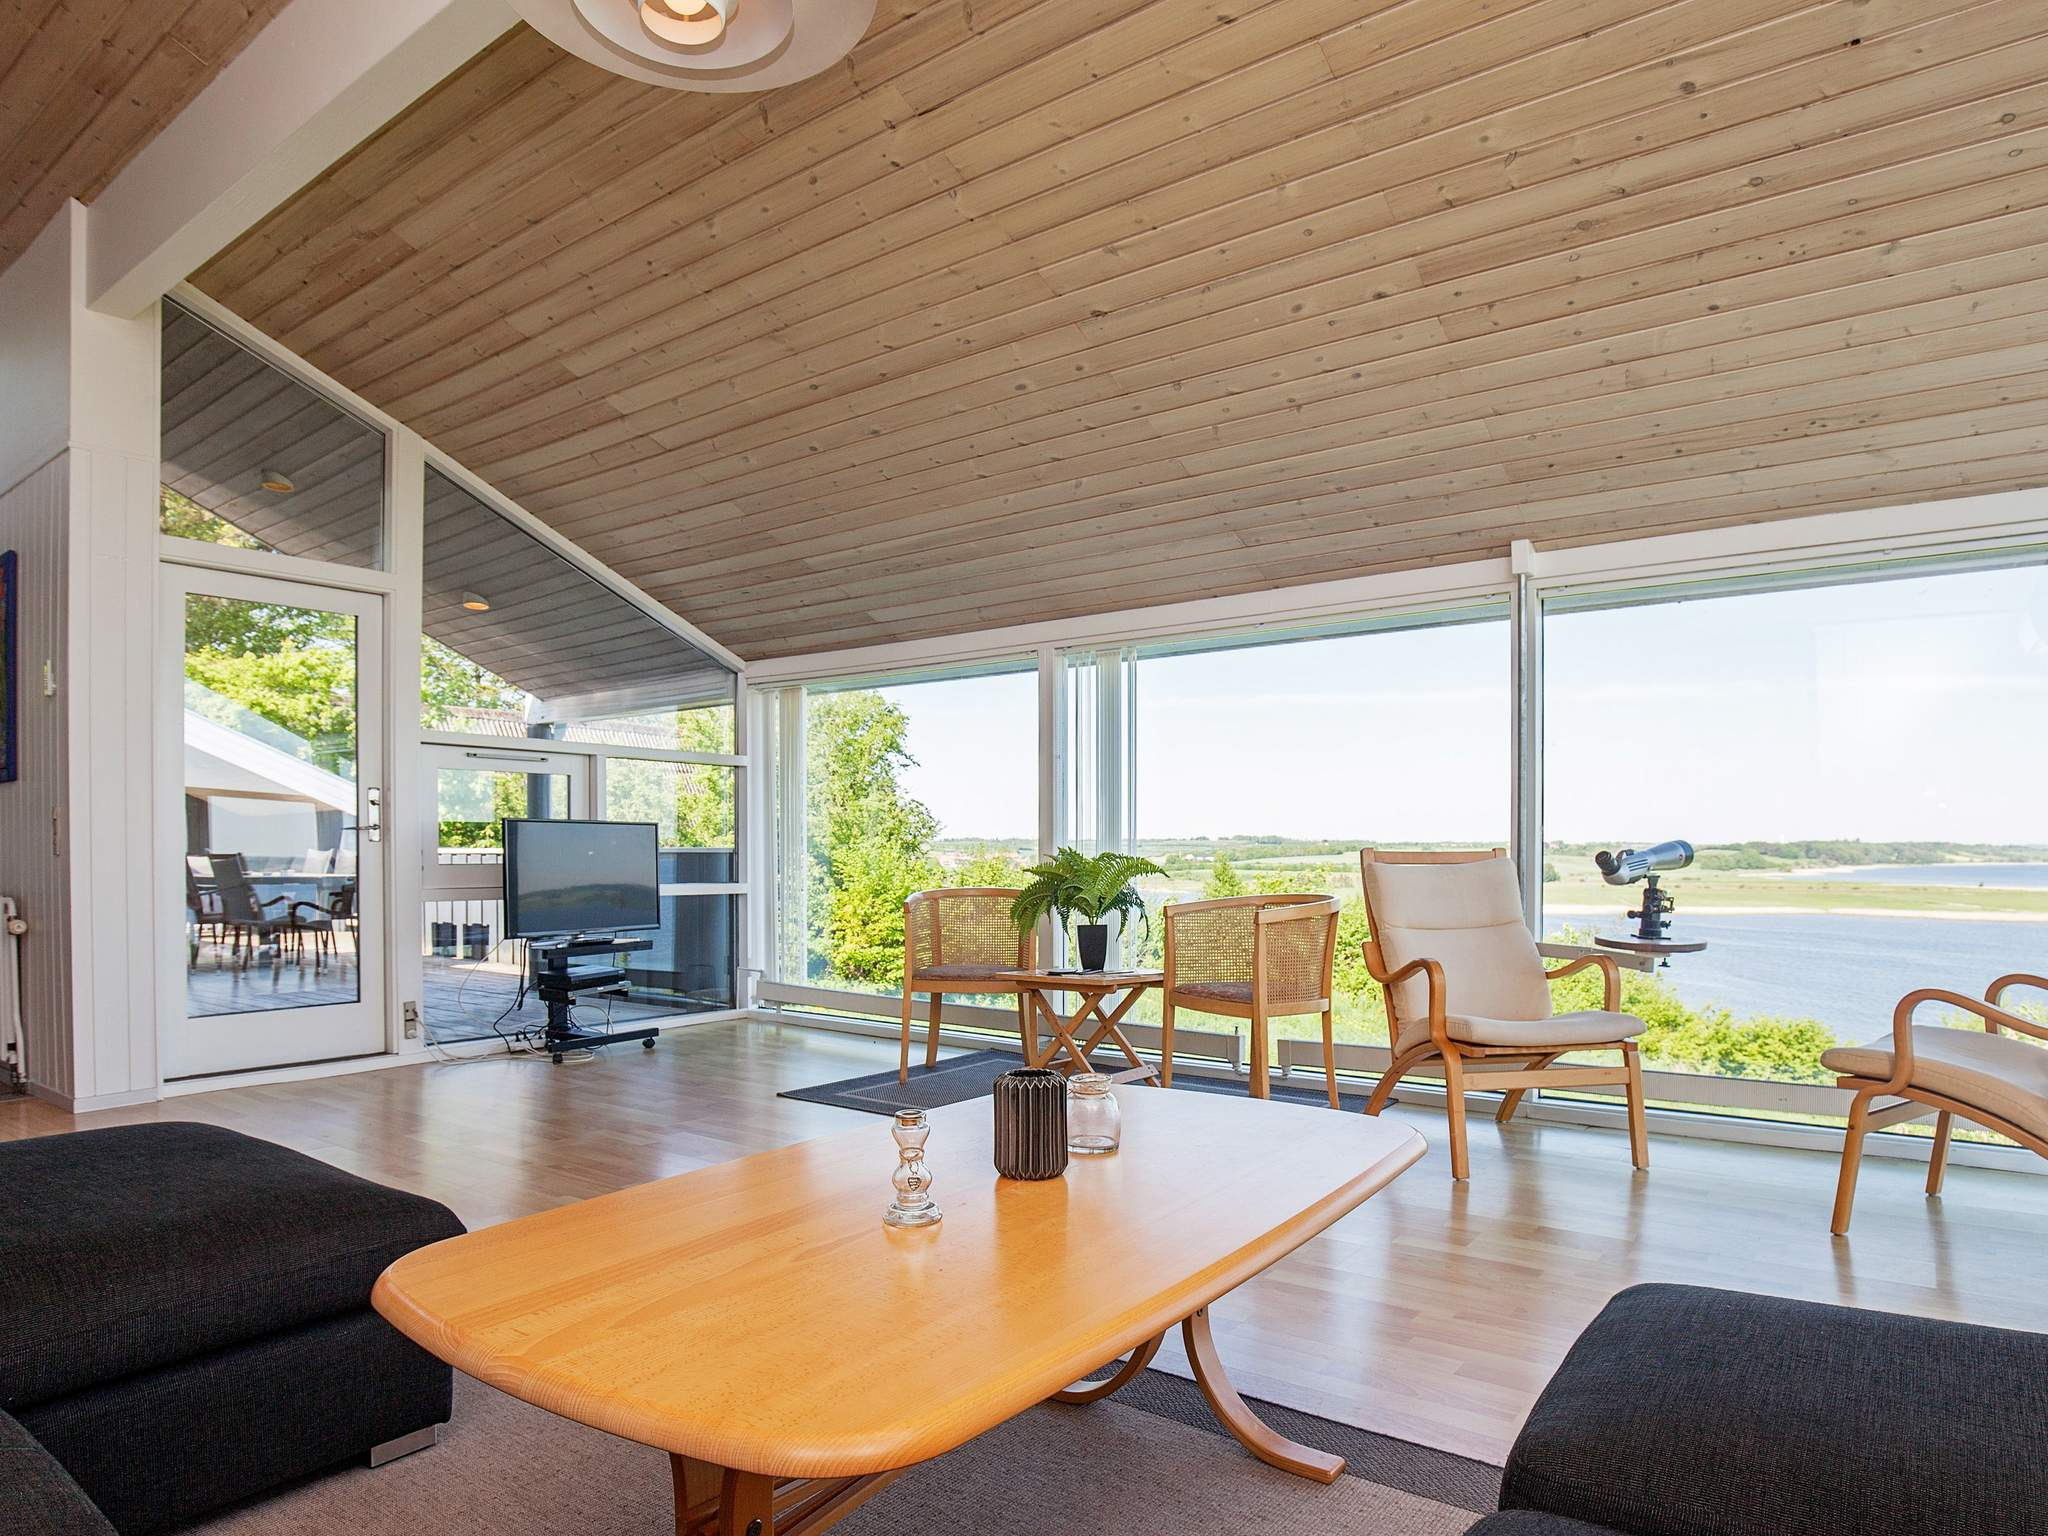 Ferienhaus Hjarbæk Fjord (679304), Hjarbæk, , Westjütland, Dänemark, Bild 6